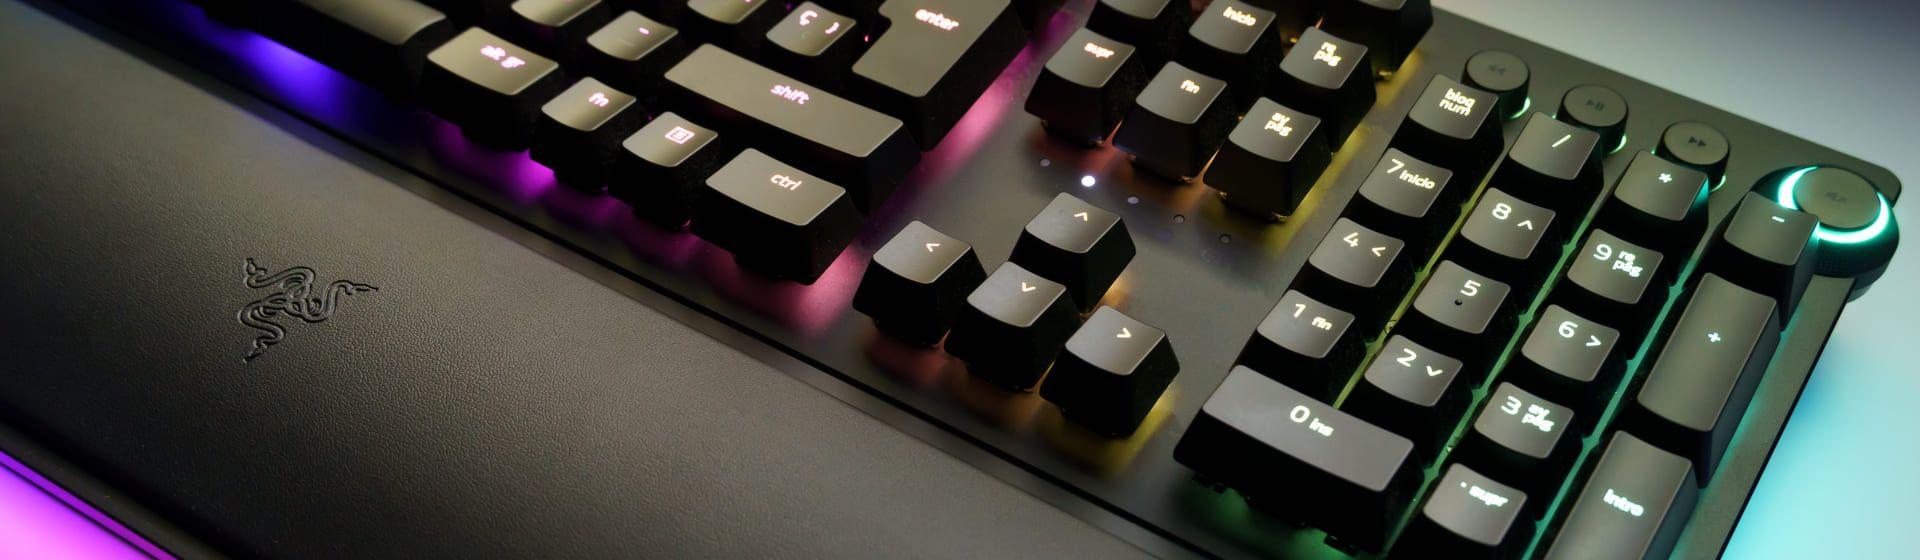 Melhor teclado Razer em 2021: 7 modelos de vários preços